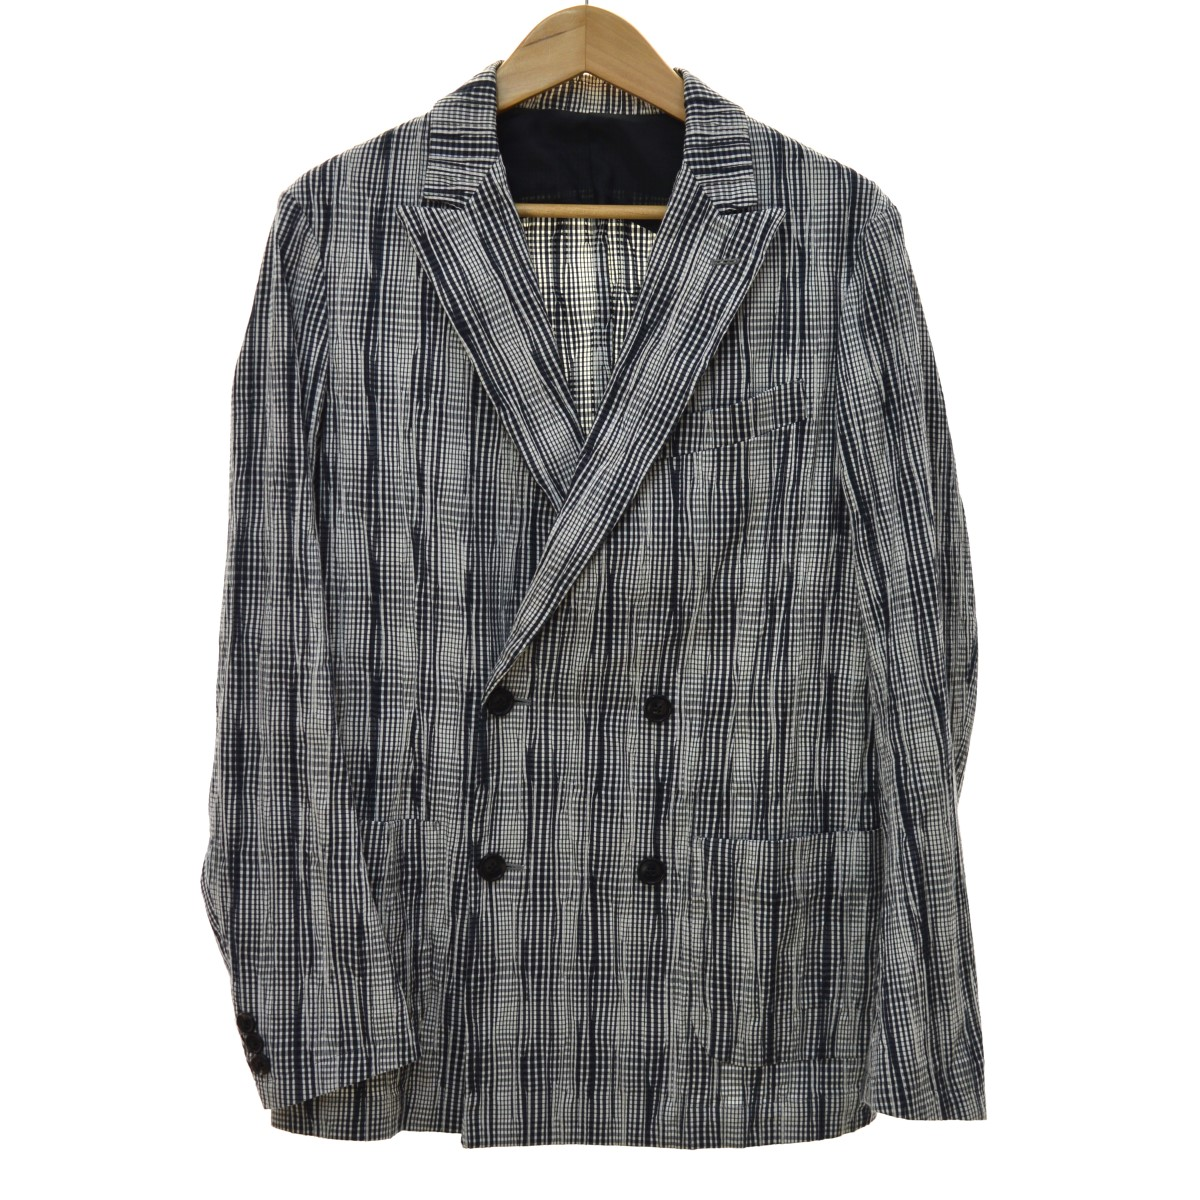 【中古】Casely-HayfordKOSTON 6A ジャケット グレー サイズ:34 【5月14日見直し】